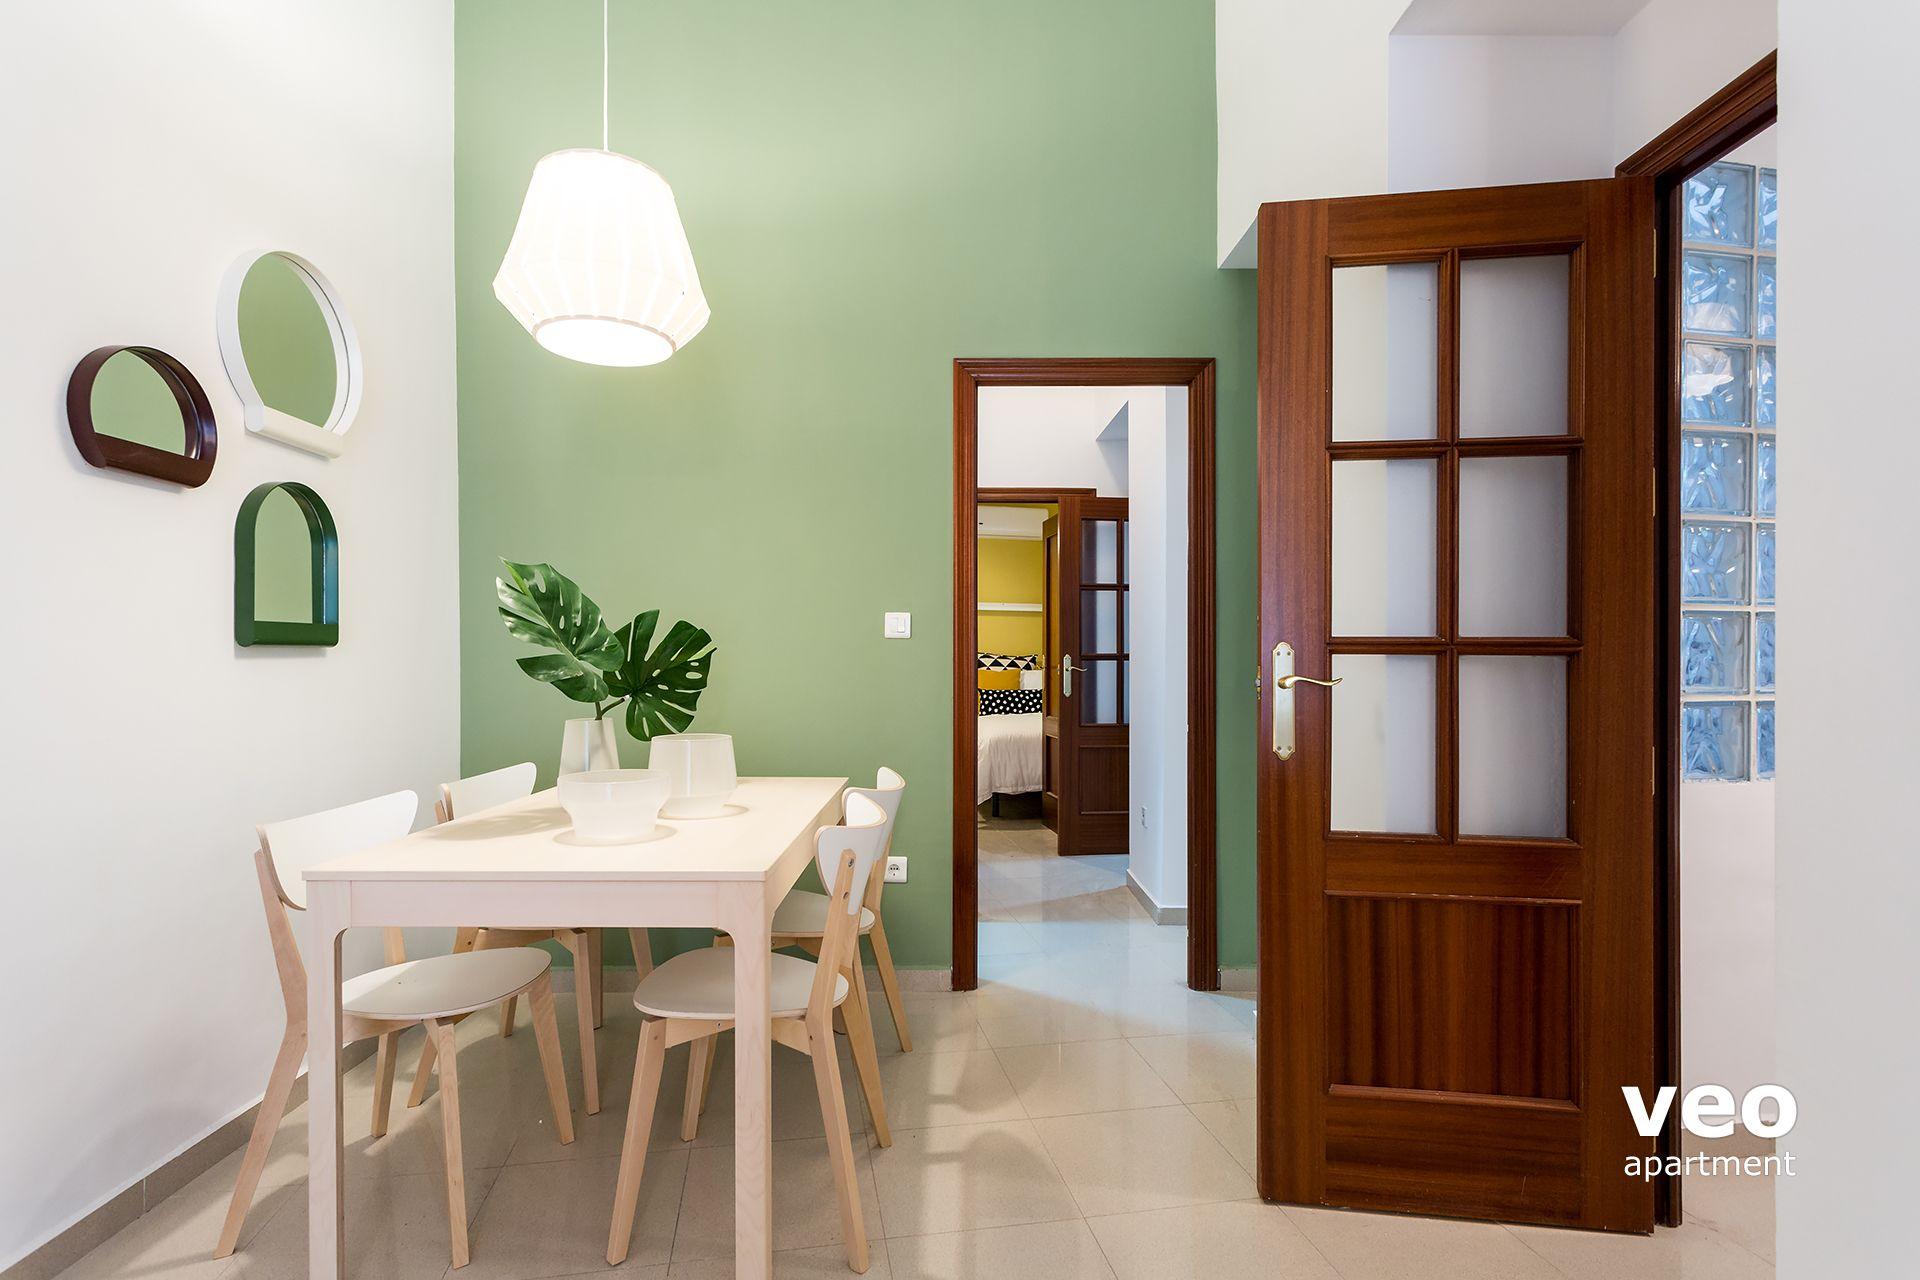 Sevilla apartmento calle gerona sevilla espa a gerona for Alquiler apartamentos sevilla espana